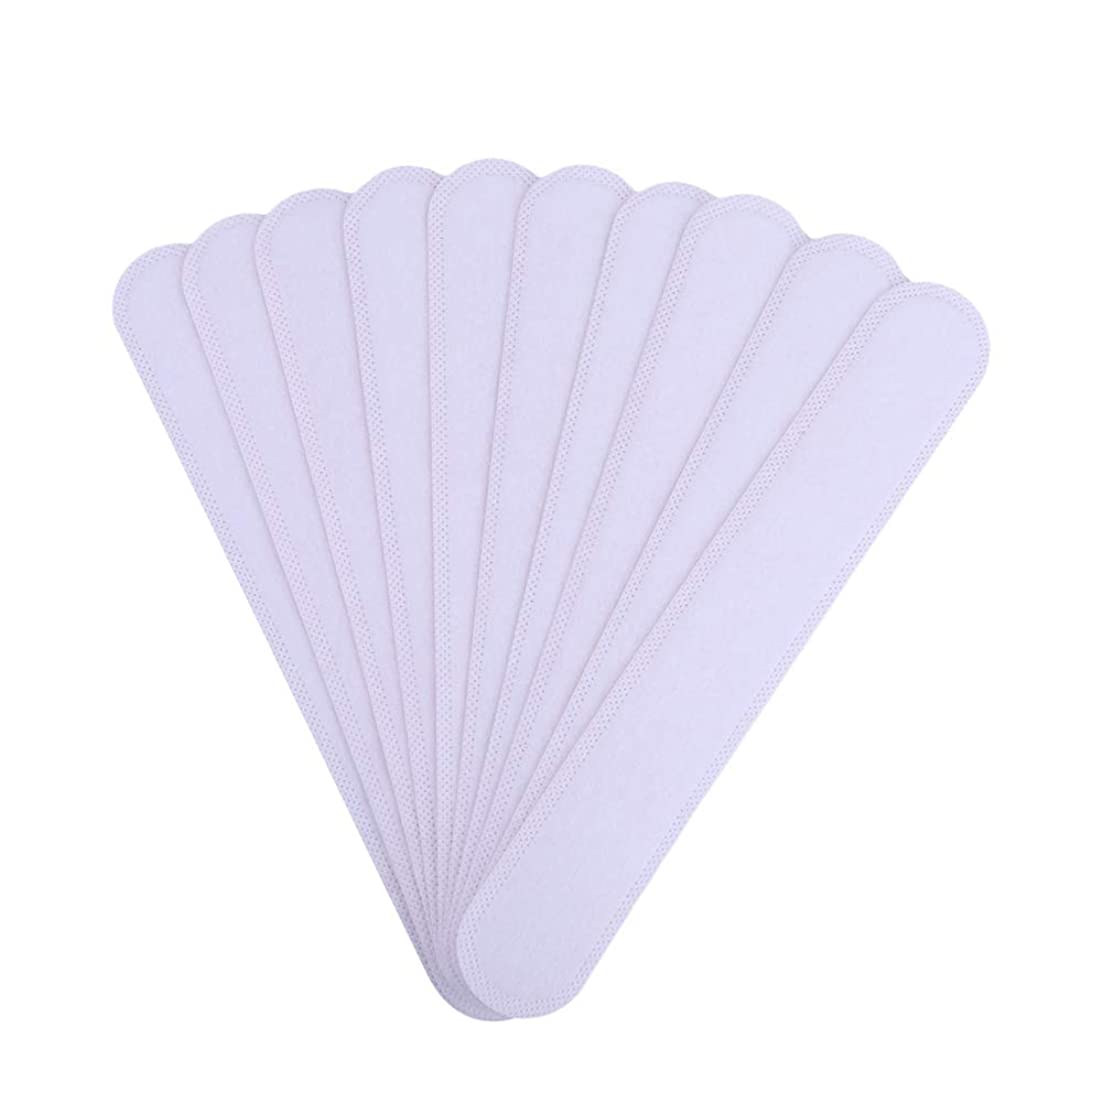 報いる暫定選出するAMAA バッド 10枚入 使い捨てタイプ Yシャツ 帽子 汗染み 汗跡 予防 カラーネックライナーパッド (10枚)